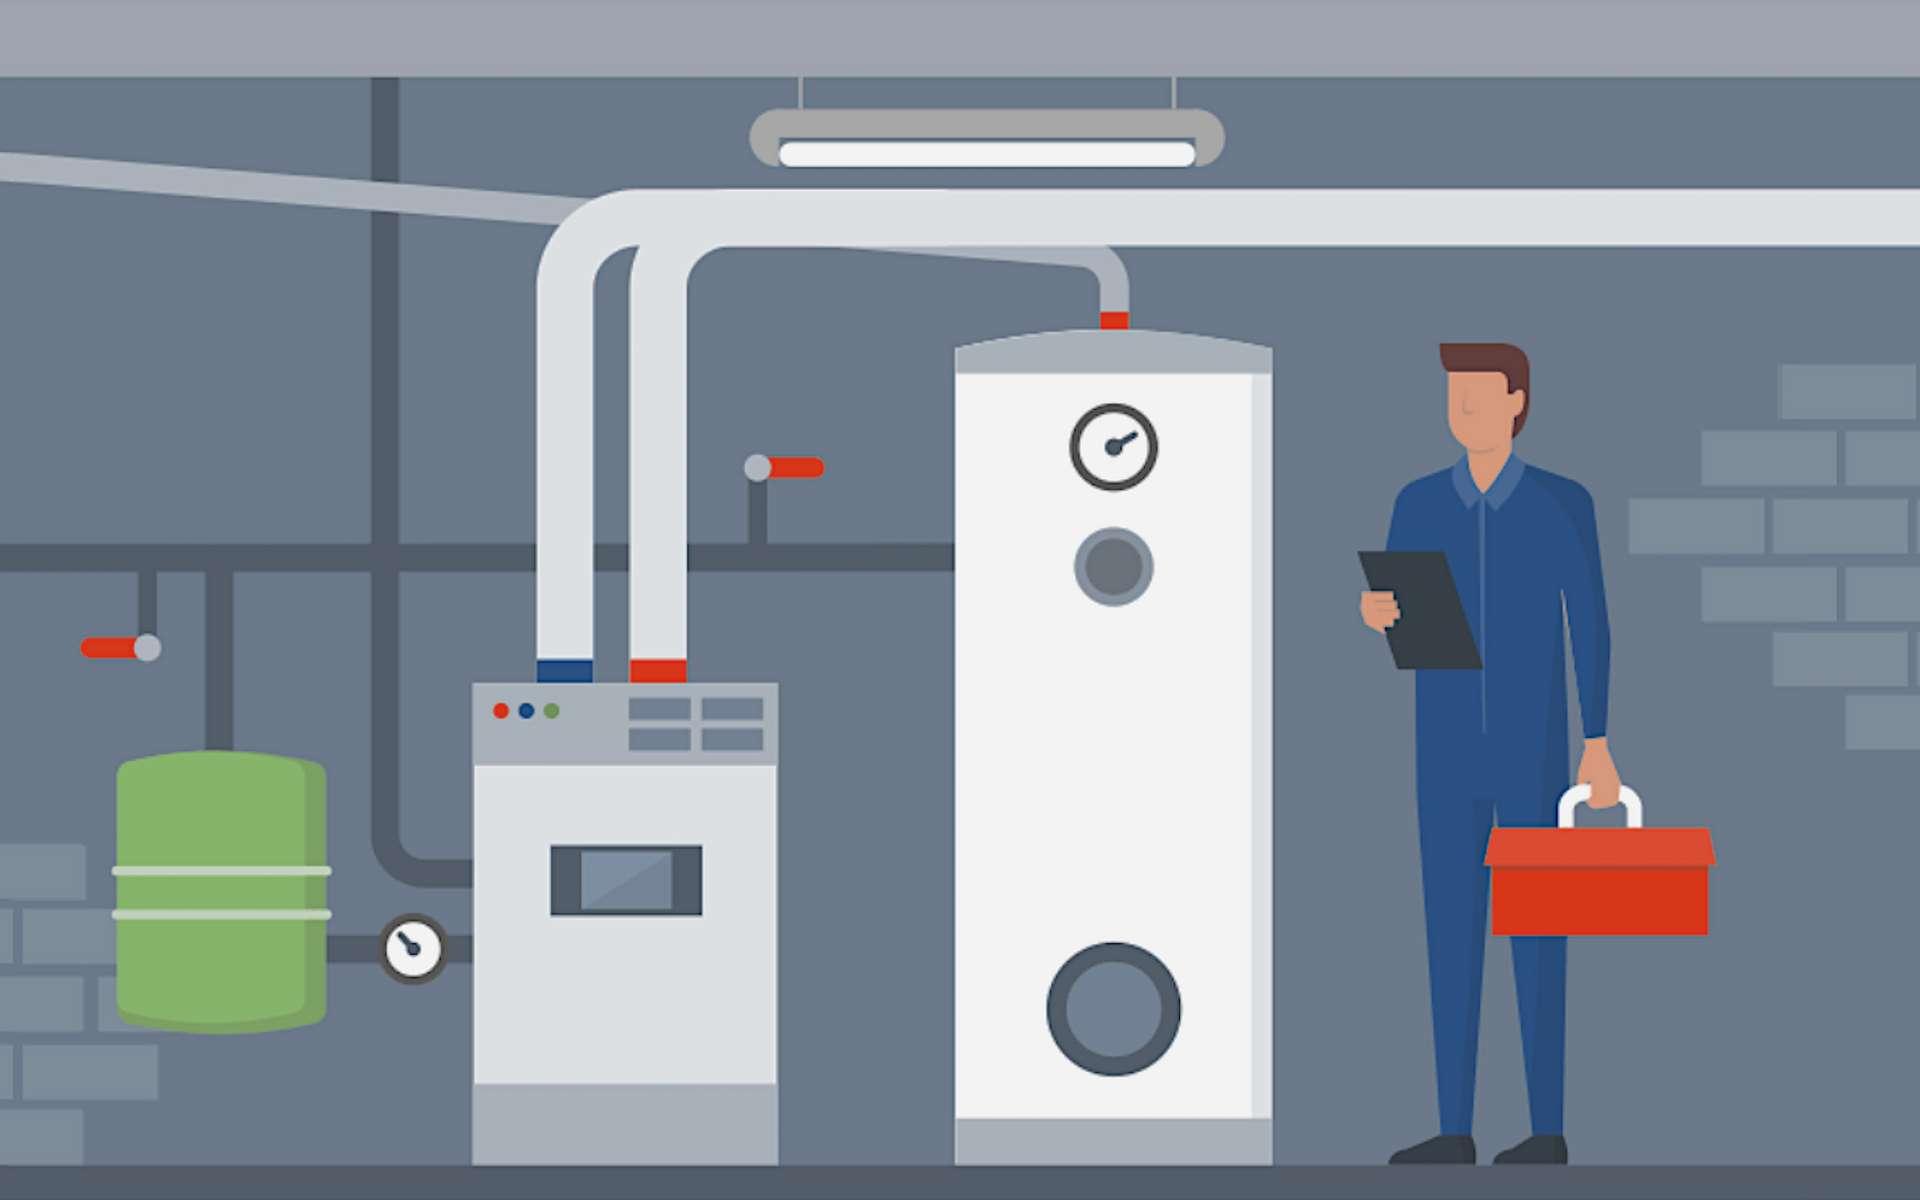 Les coups de pouce économie d'énergie sont prolongés. © ecologique-solidaire.gouv.fr